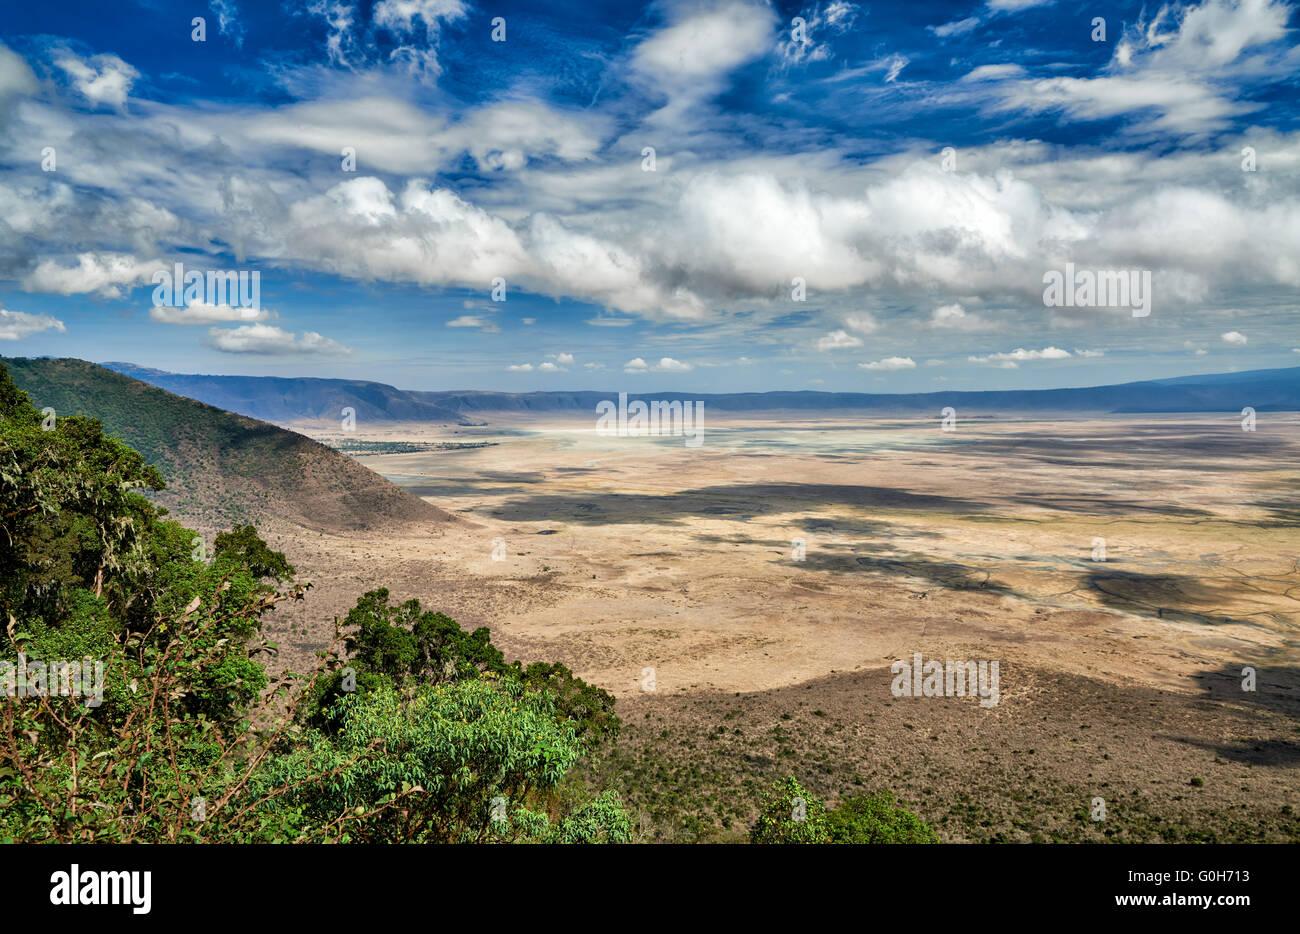 Vista desde el borde hacia el cráter del Ngorongoro, el Área de Conservación de Ngorongoro, sitio Imagen De Stock